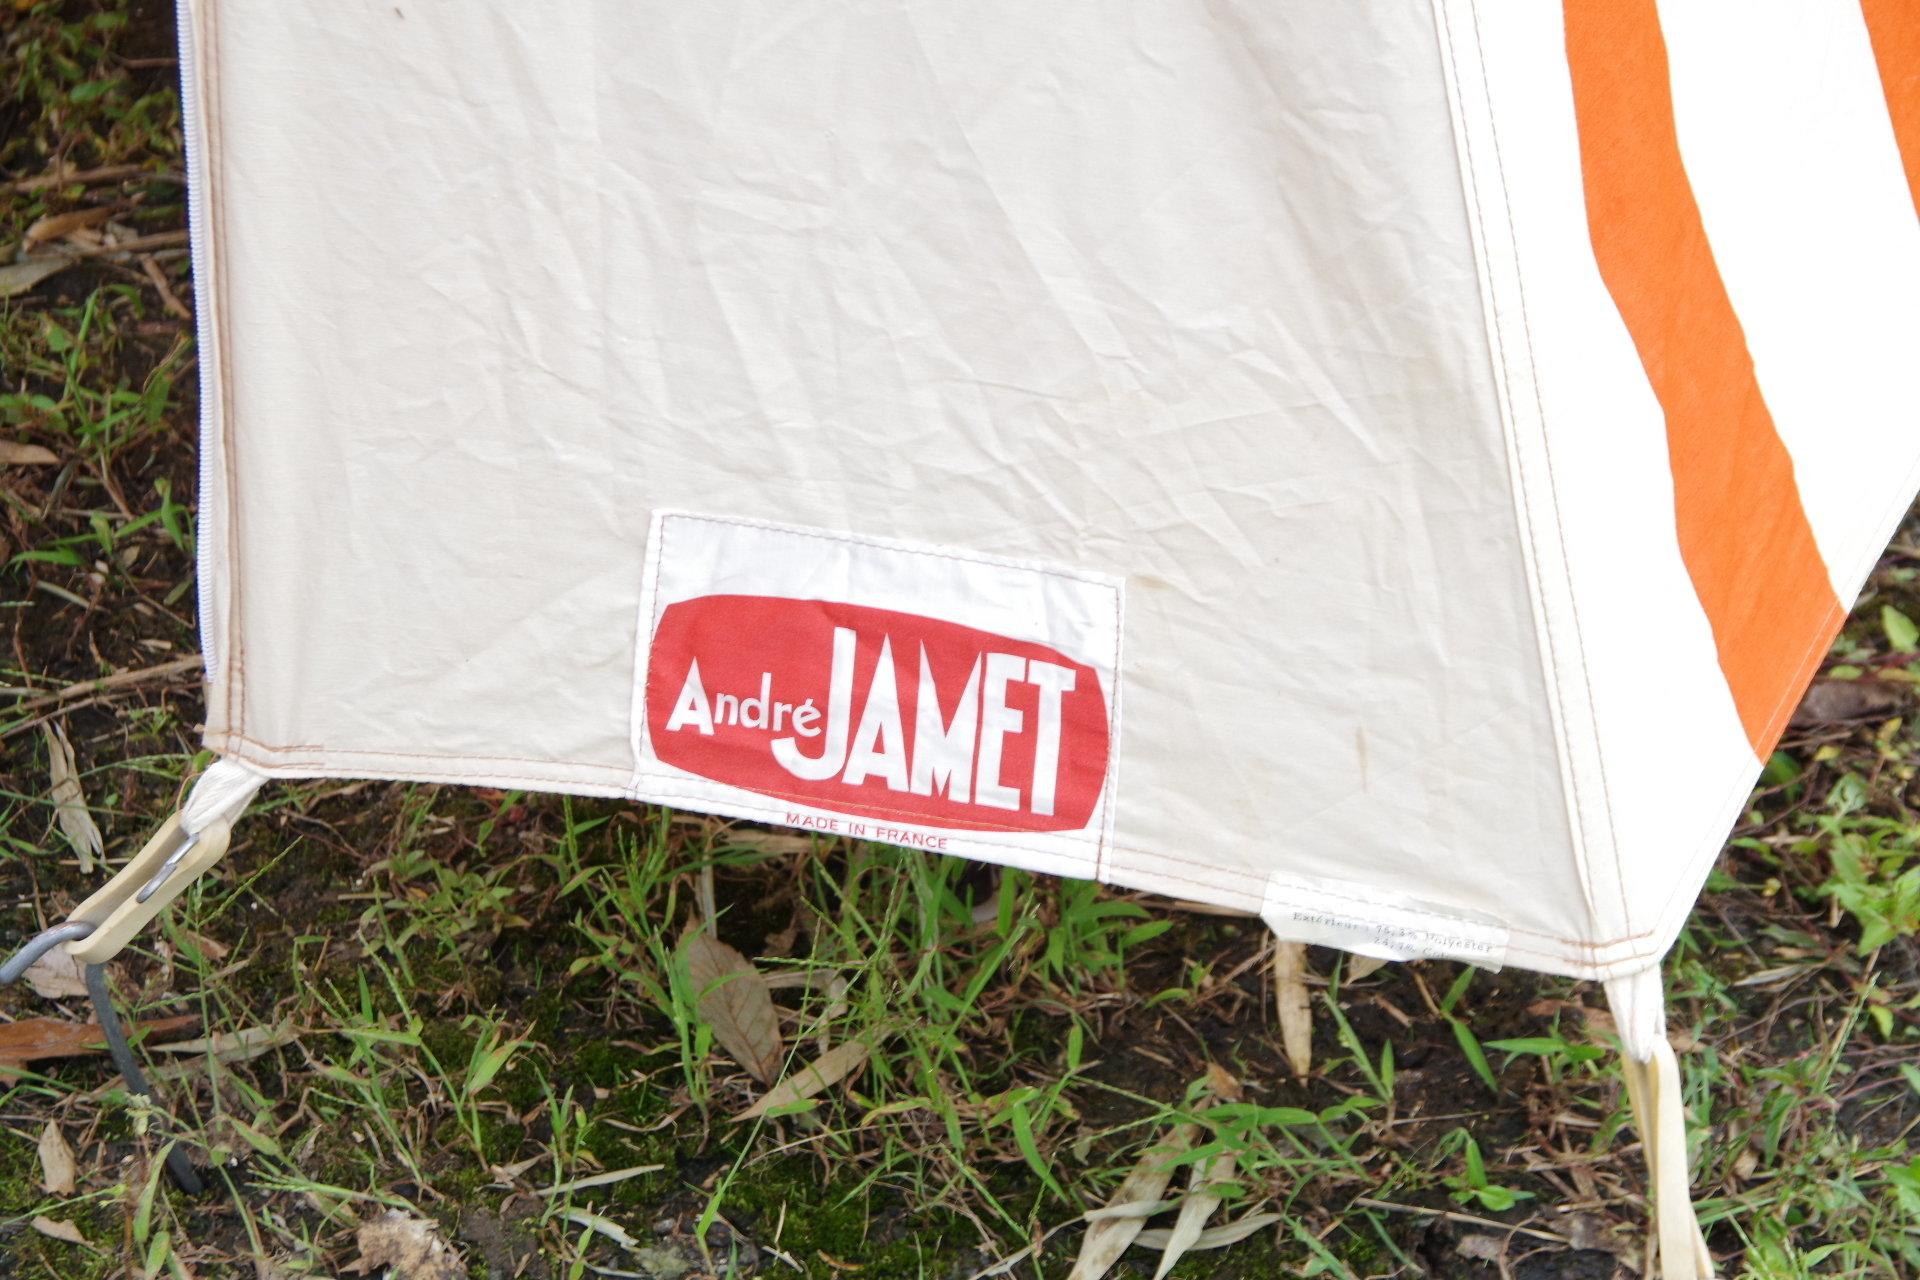 アンドレジャメット ピクニックテント ヴィンテージ幕 フレームテント デッドストック Andre Jamet